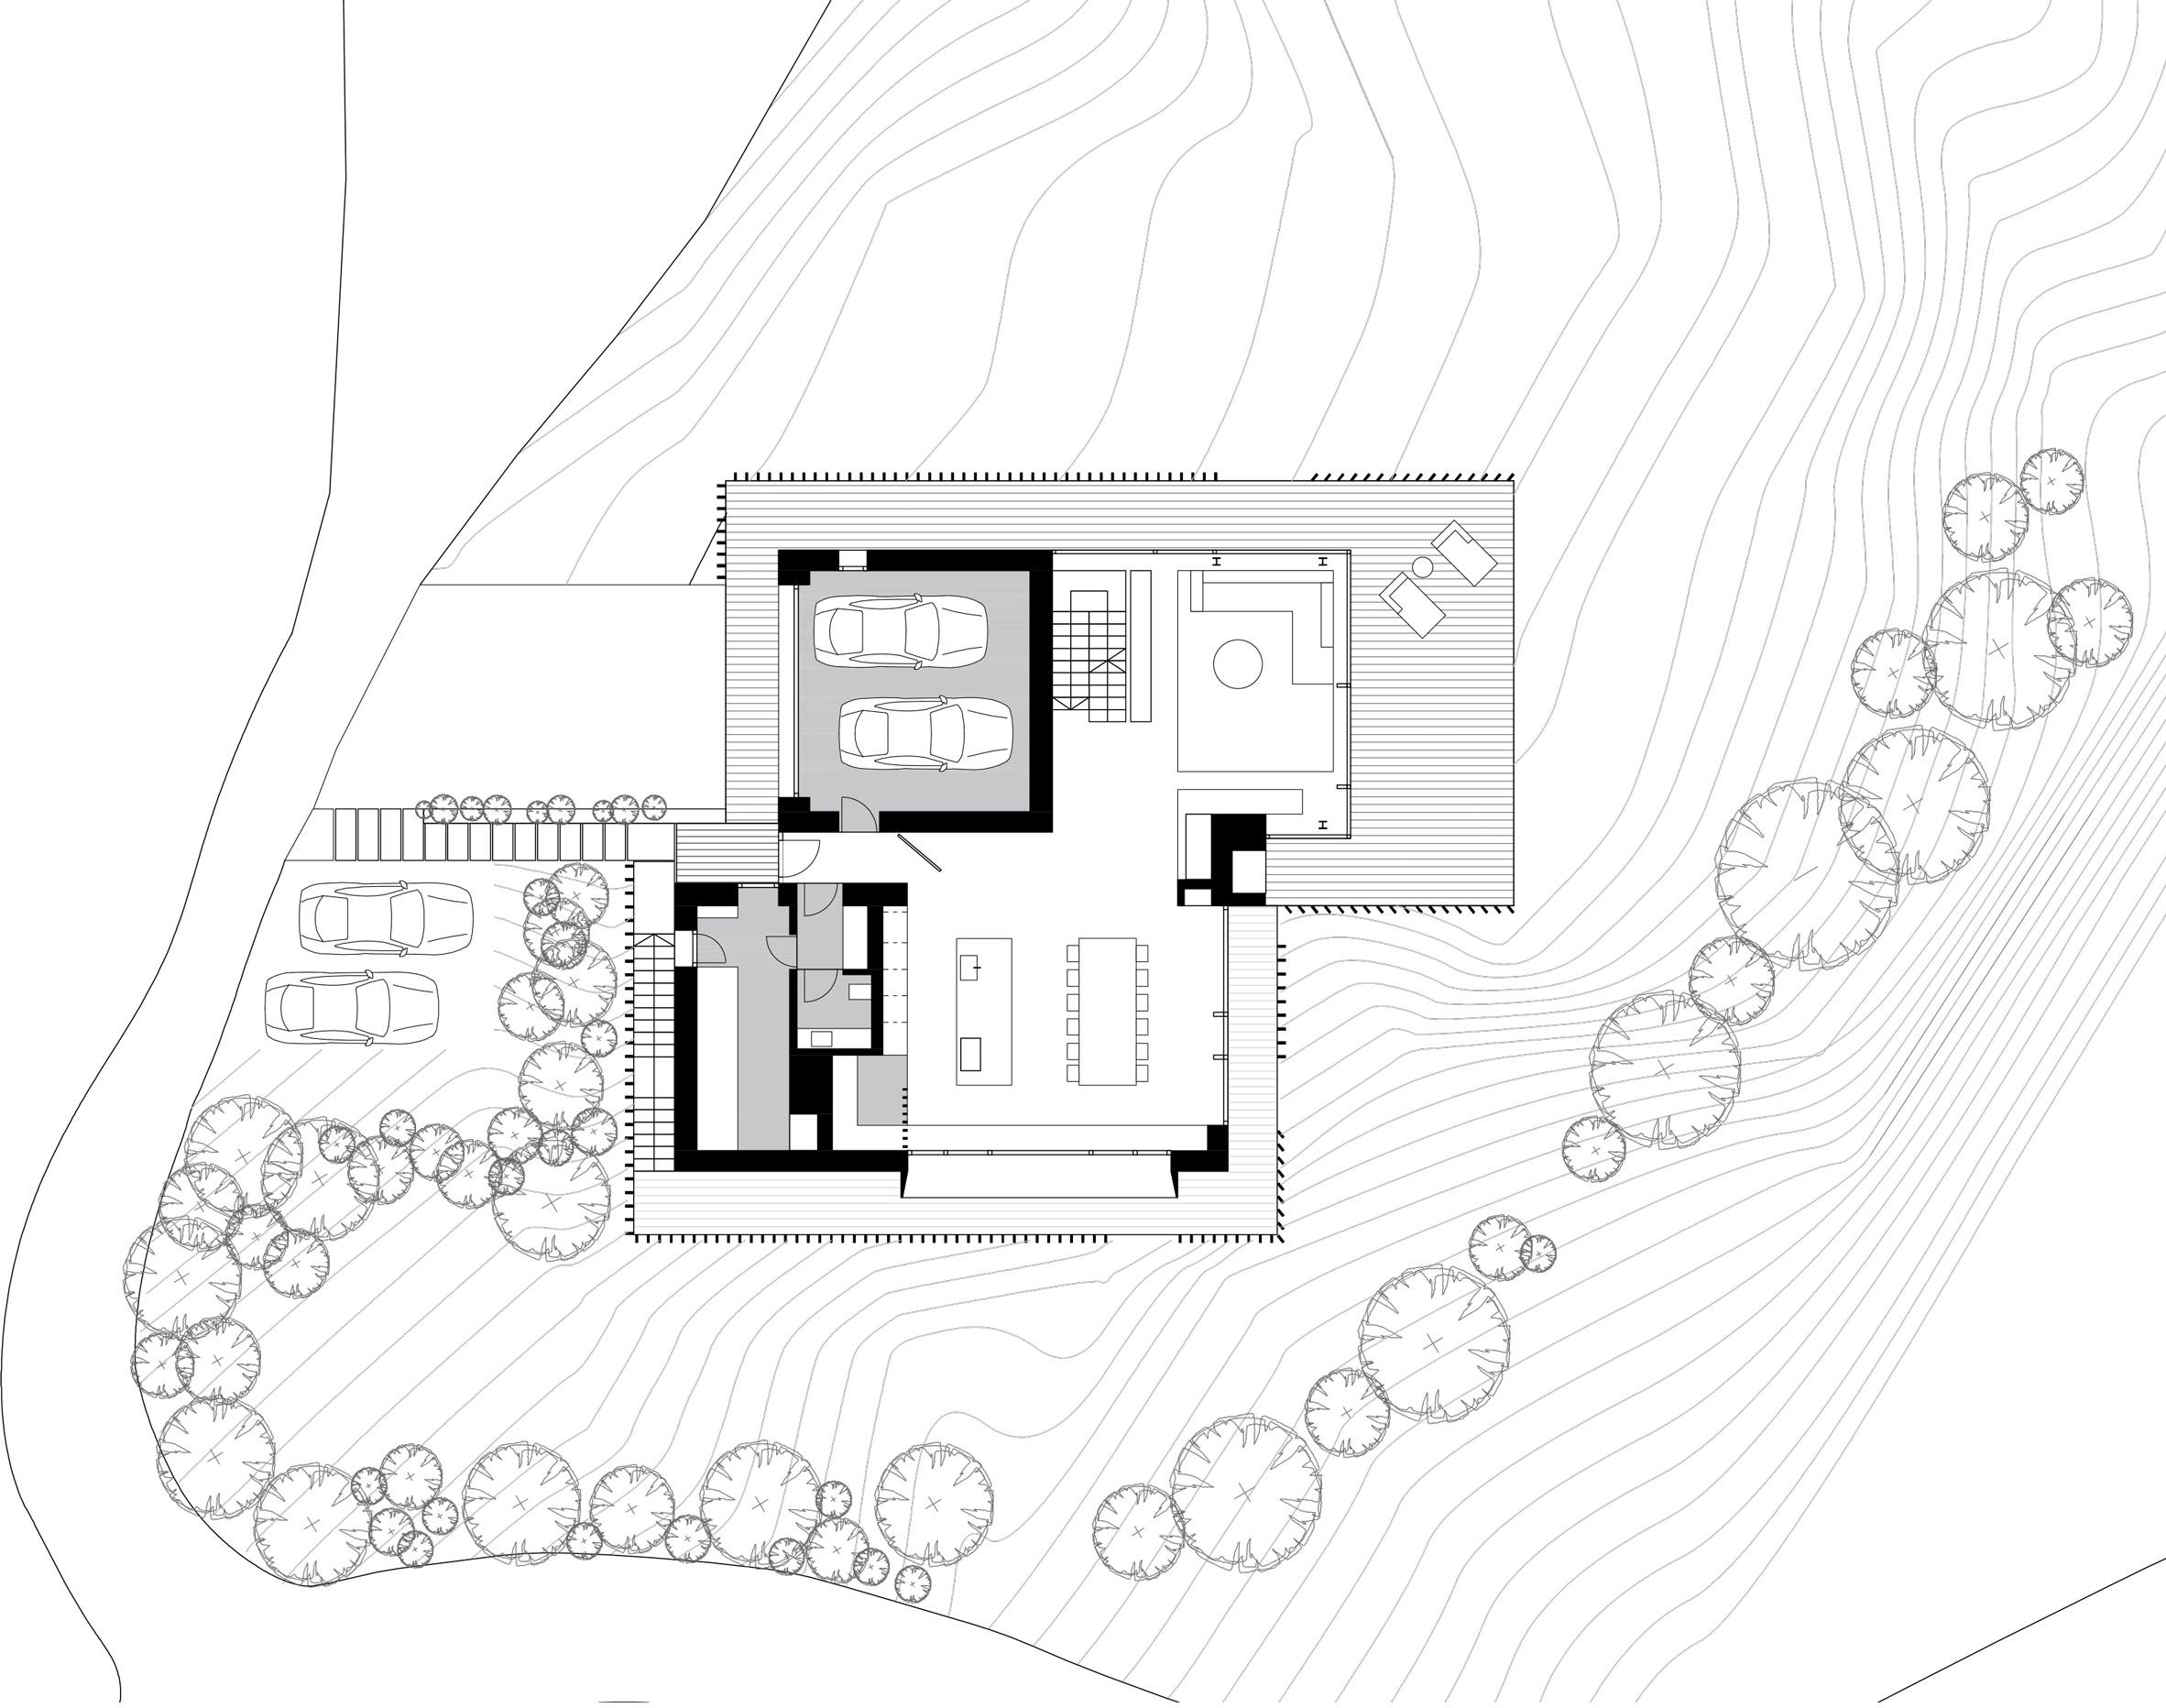 Geza designs gabled house on an Alpine hillside shielded by ... on floating dock plans, vardo camper plans, new house design plans, biltmore estate elevation plans,